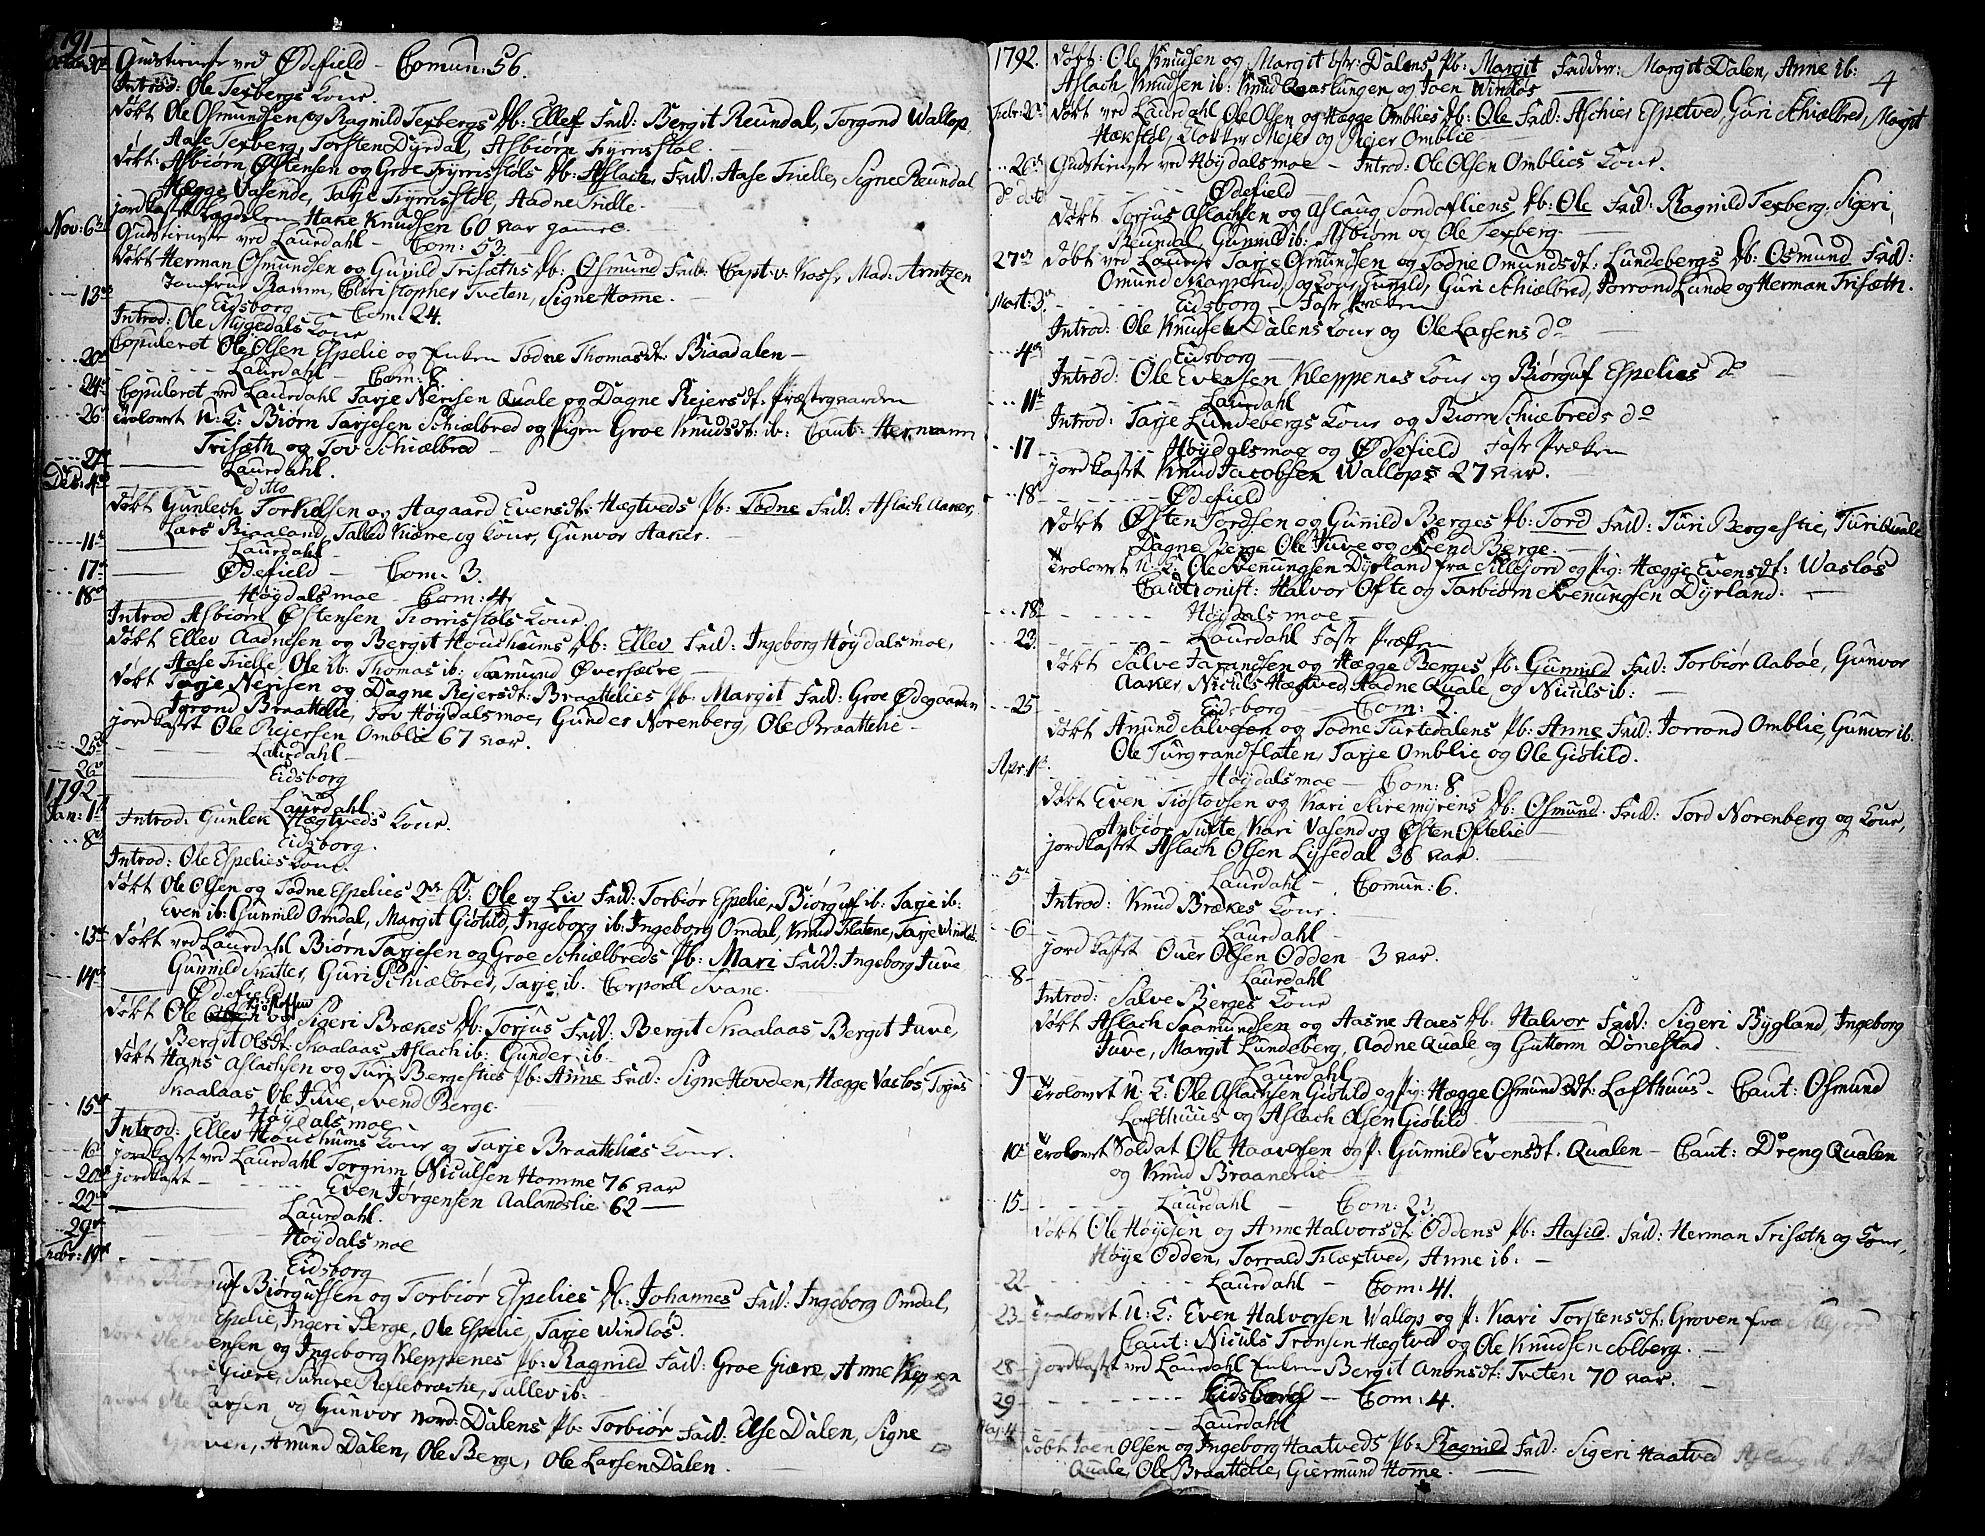 SAKO, Lårdal kirkebøker, F/Fa/L0004: Ministerialbok nr. I 4, 1790-1814, s. 4